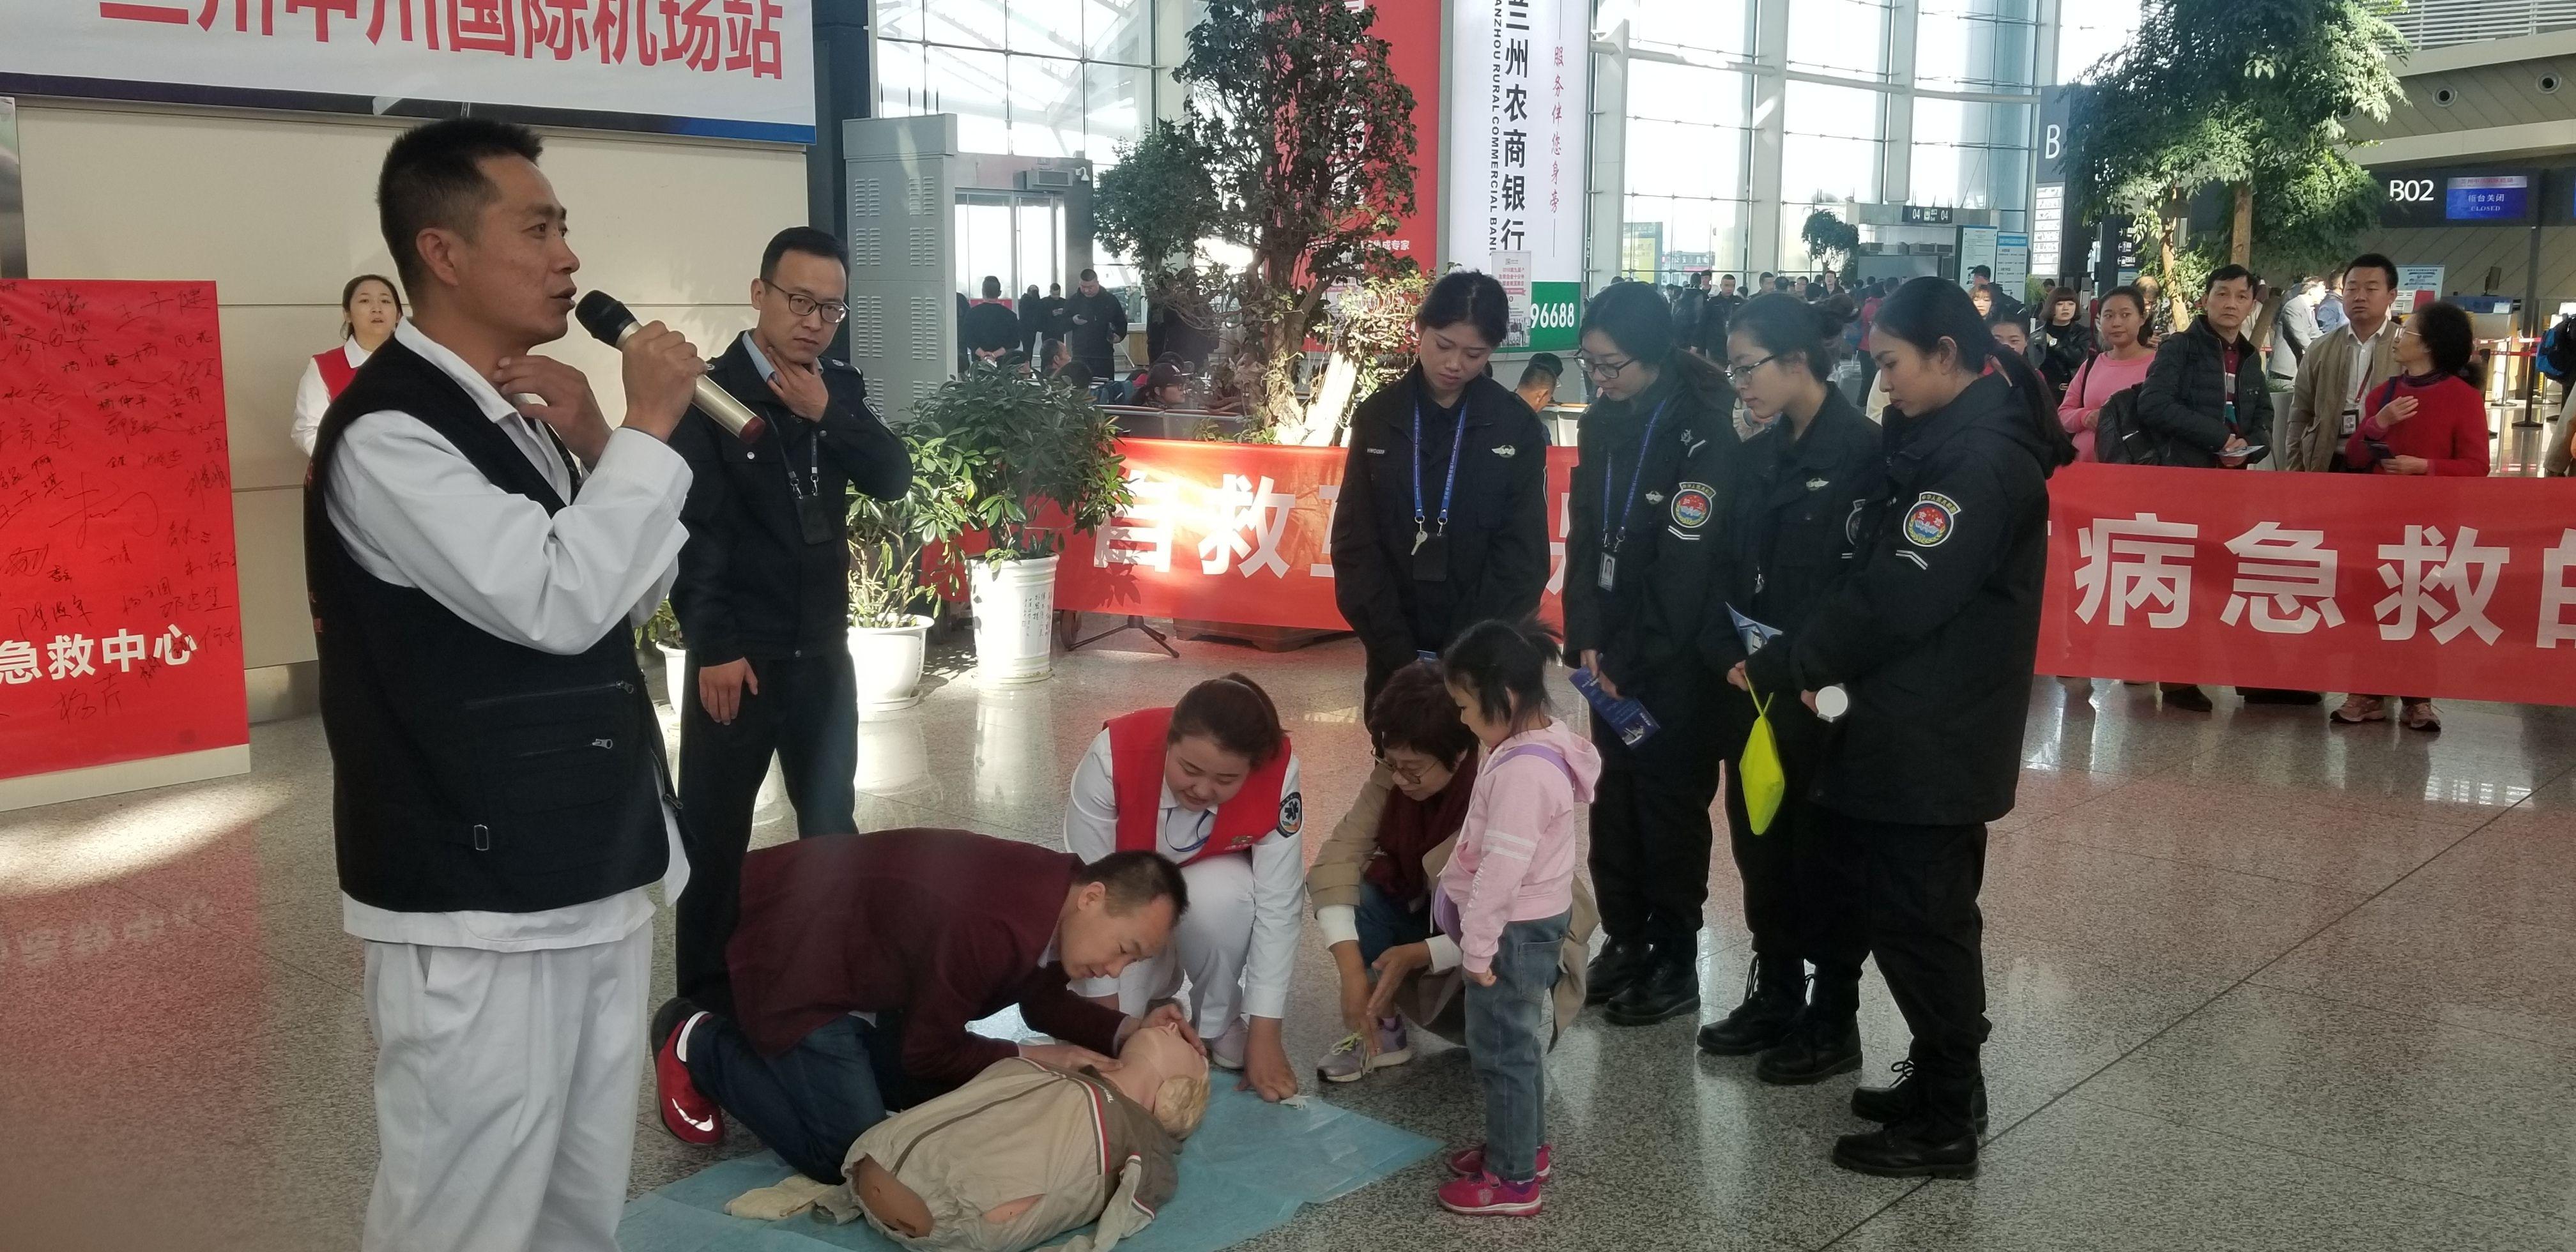 """兰州中川机场举行""""白金十分钟"""" 自救互救活动"""